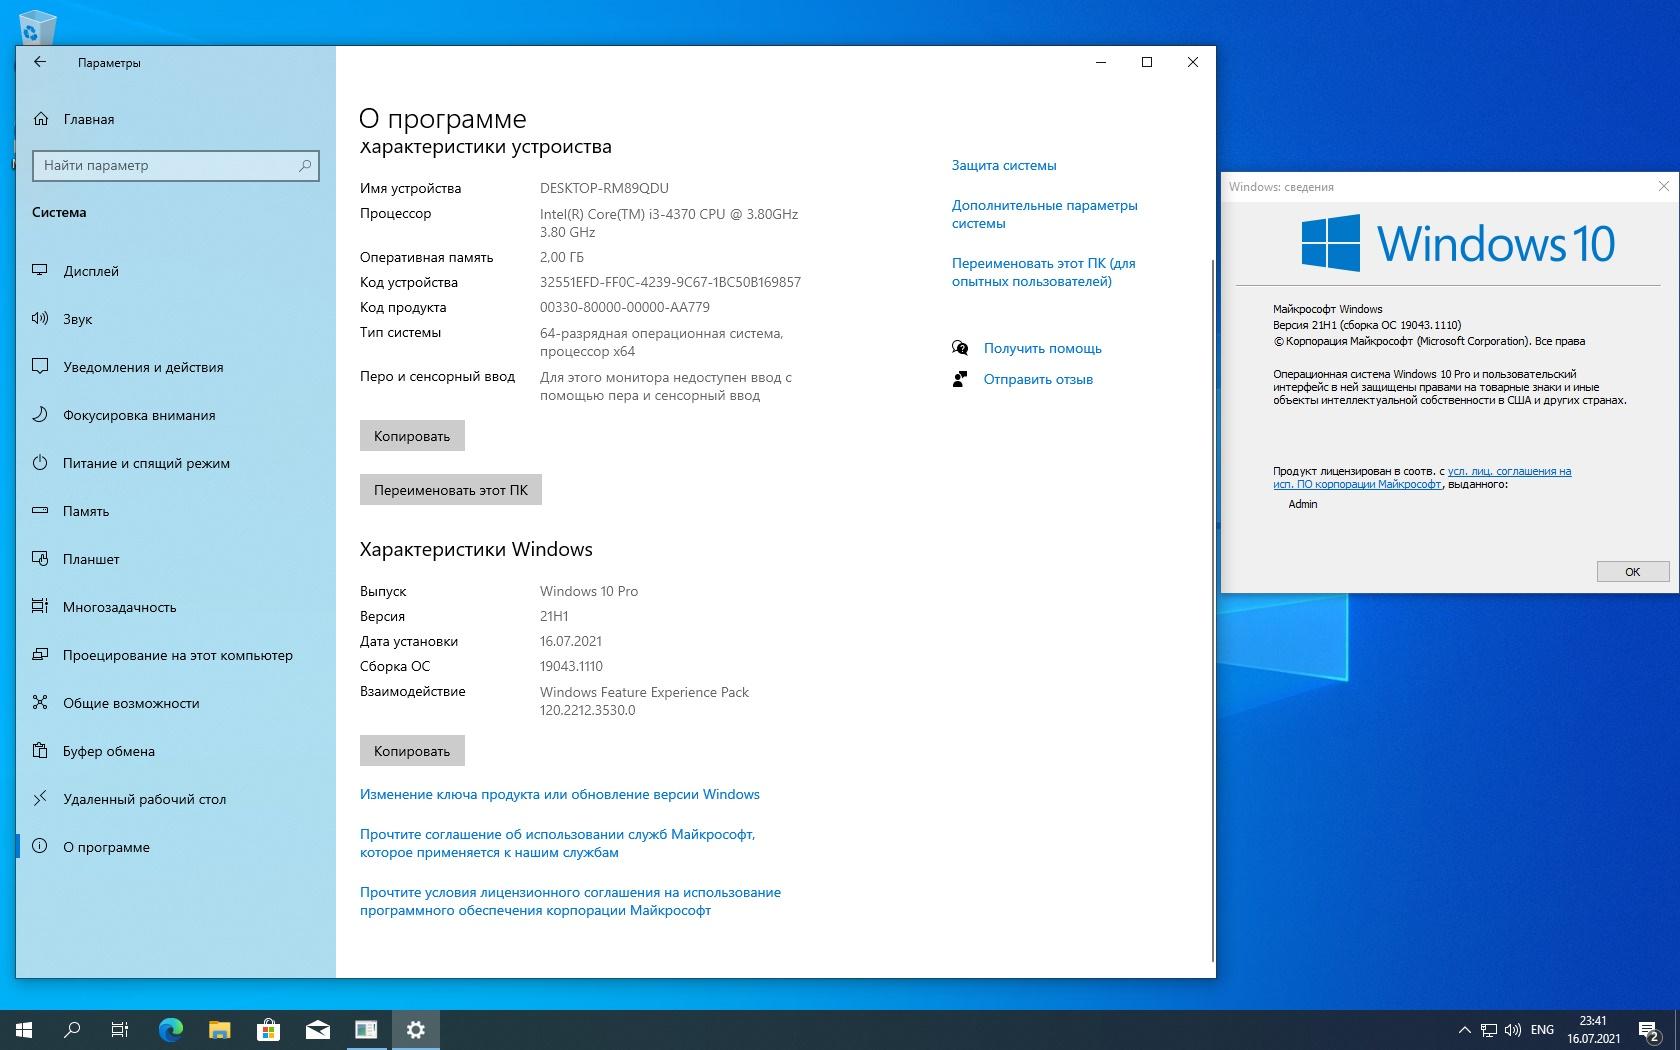 Windows 10 21H1 (Build 19043.1110) (60in2) x86/x64 by Sergei Strelec